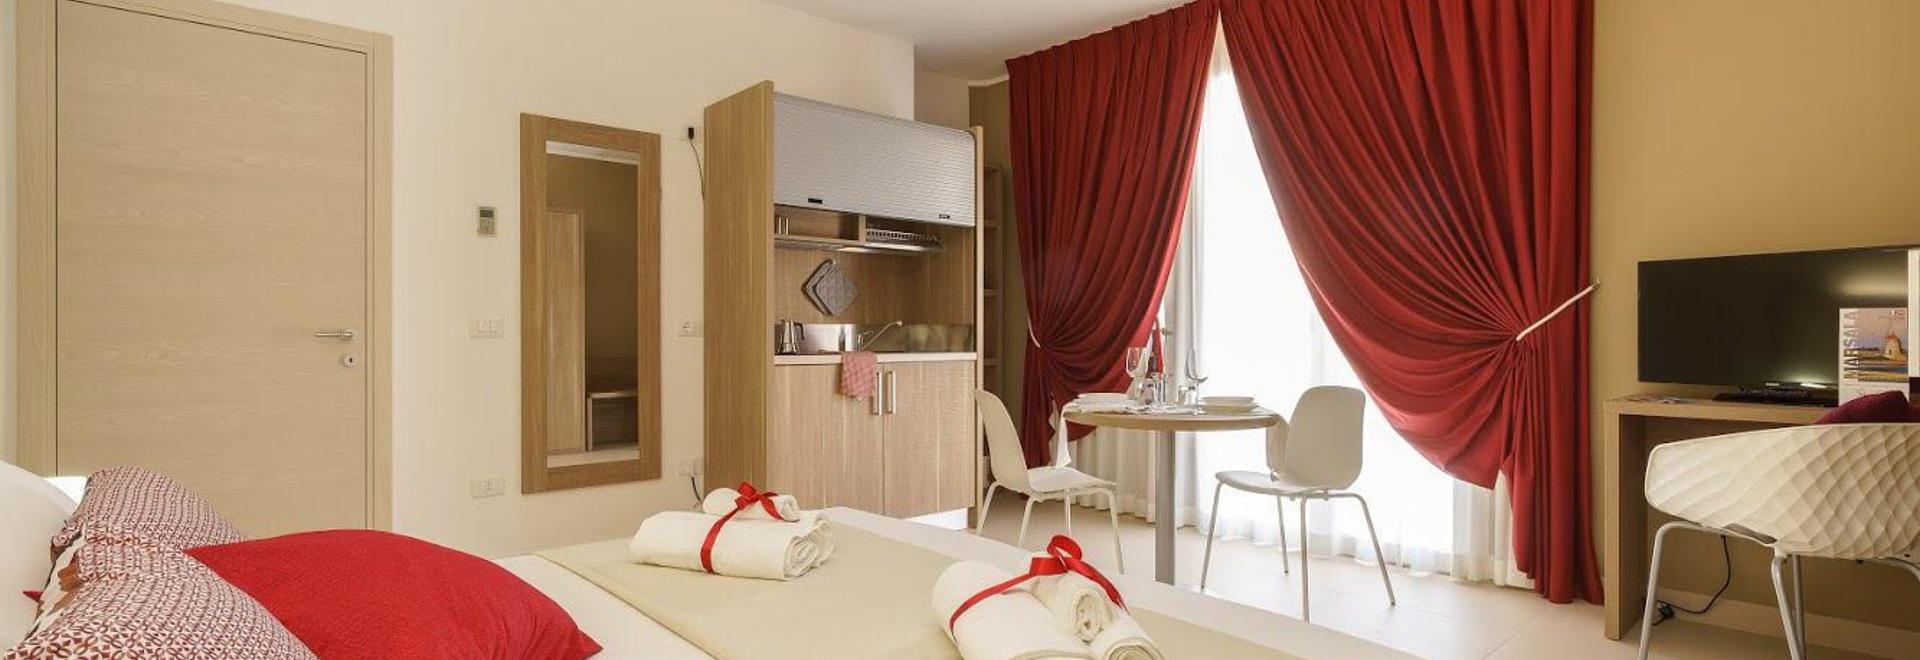 Hotel Residenz Gad